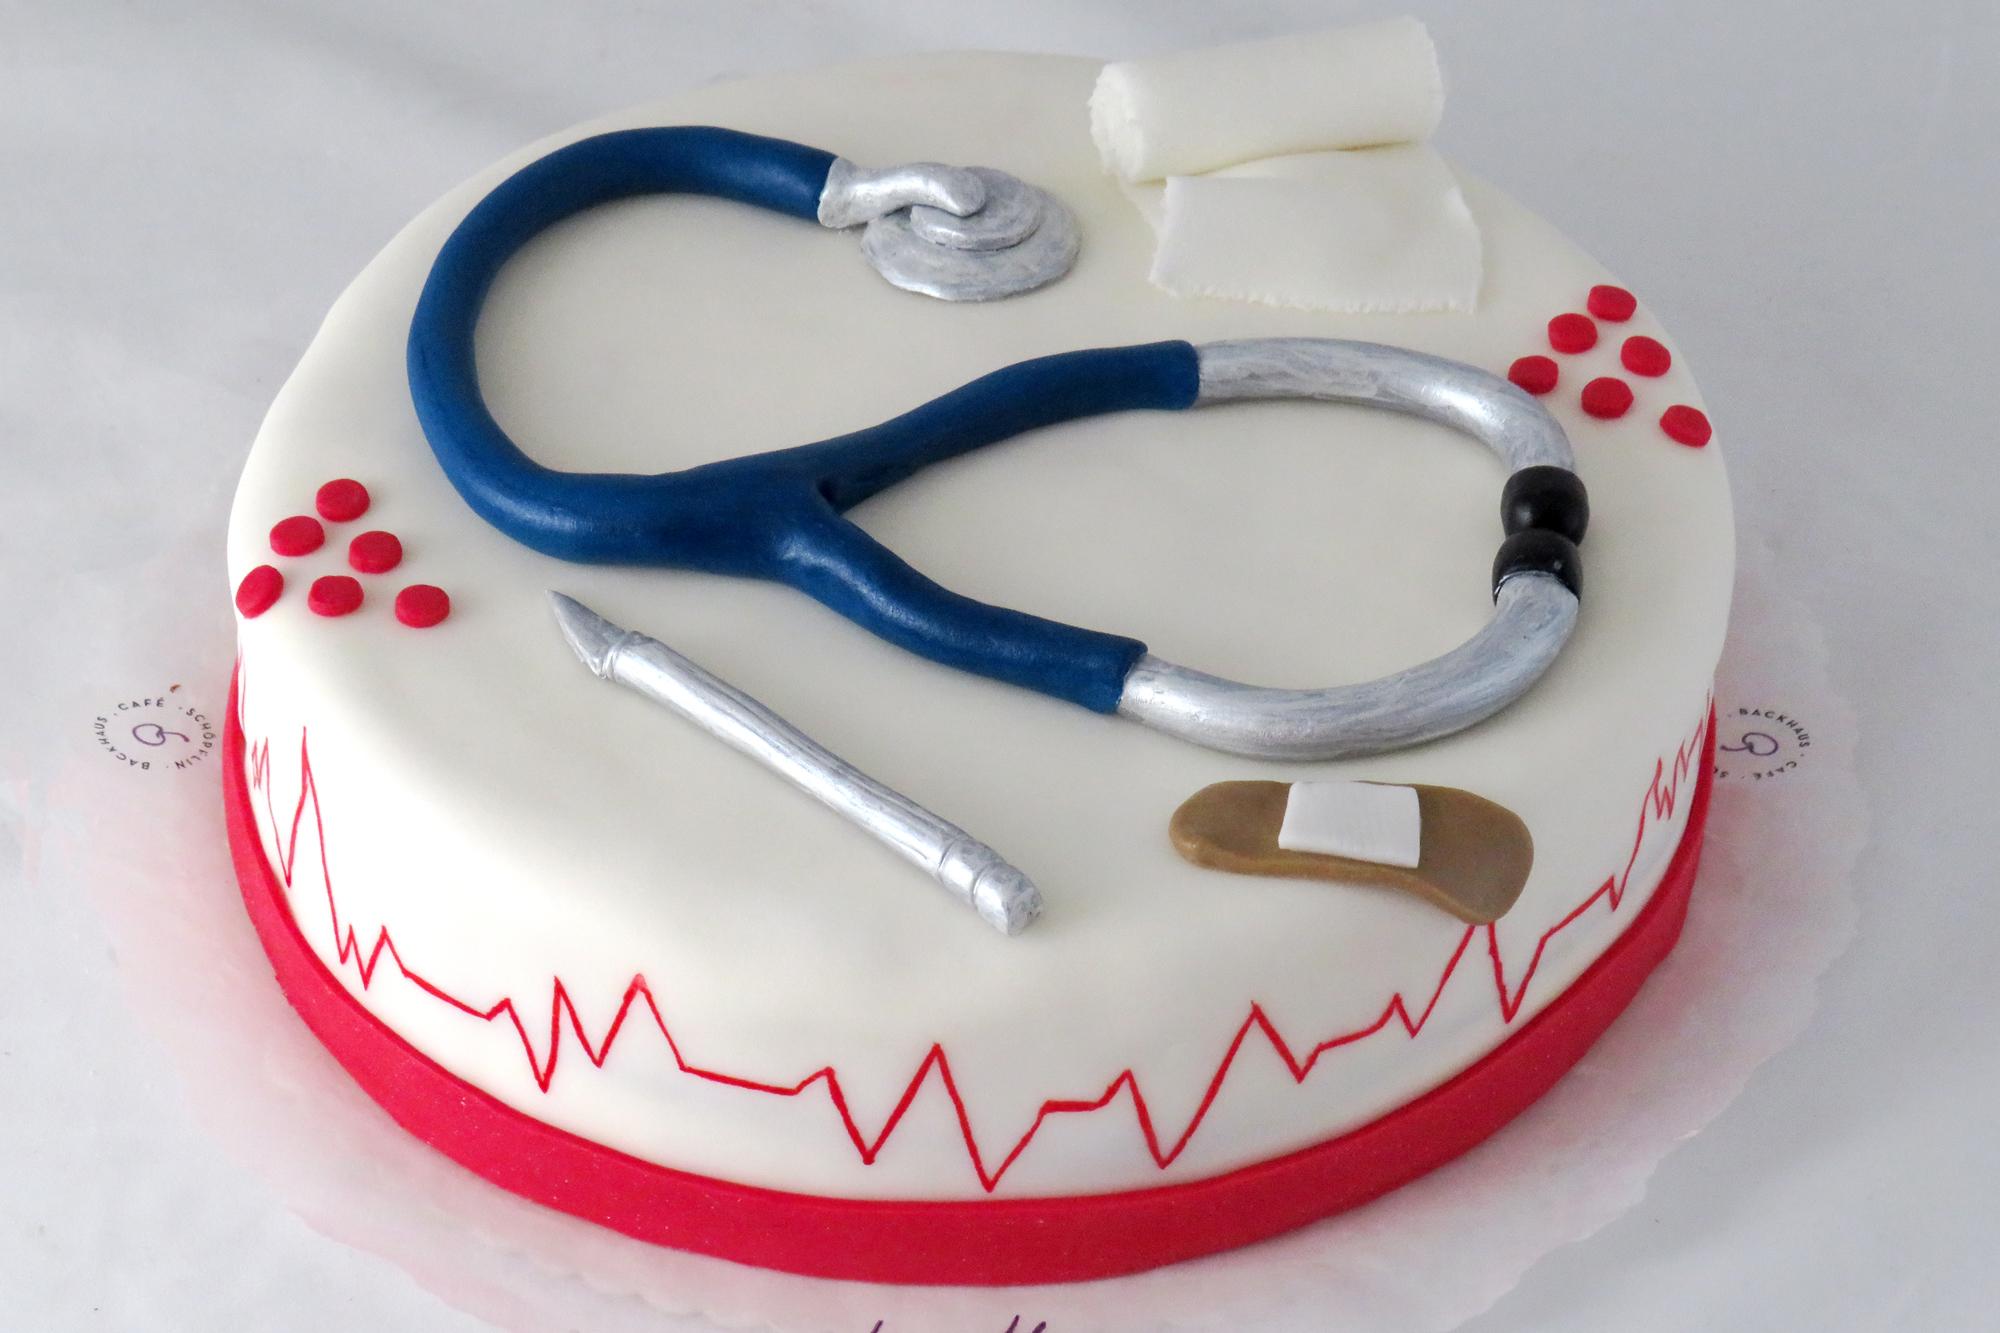 schoepflin-berufe-krankenschwester-05